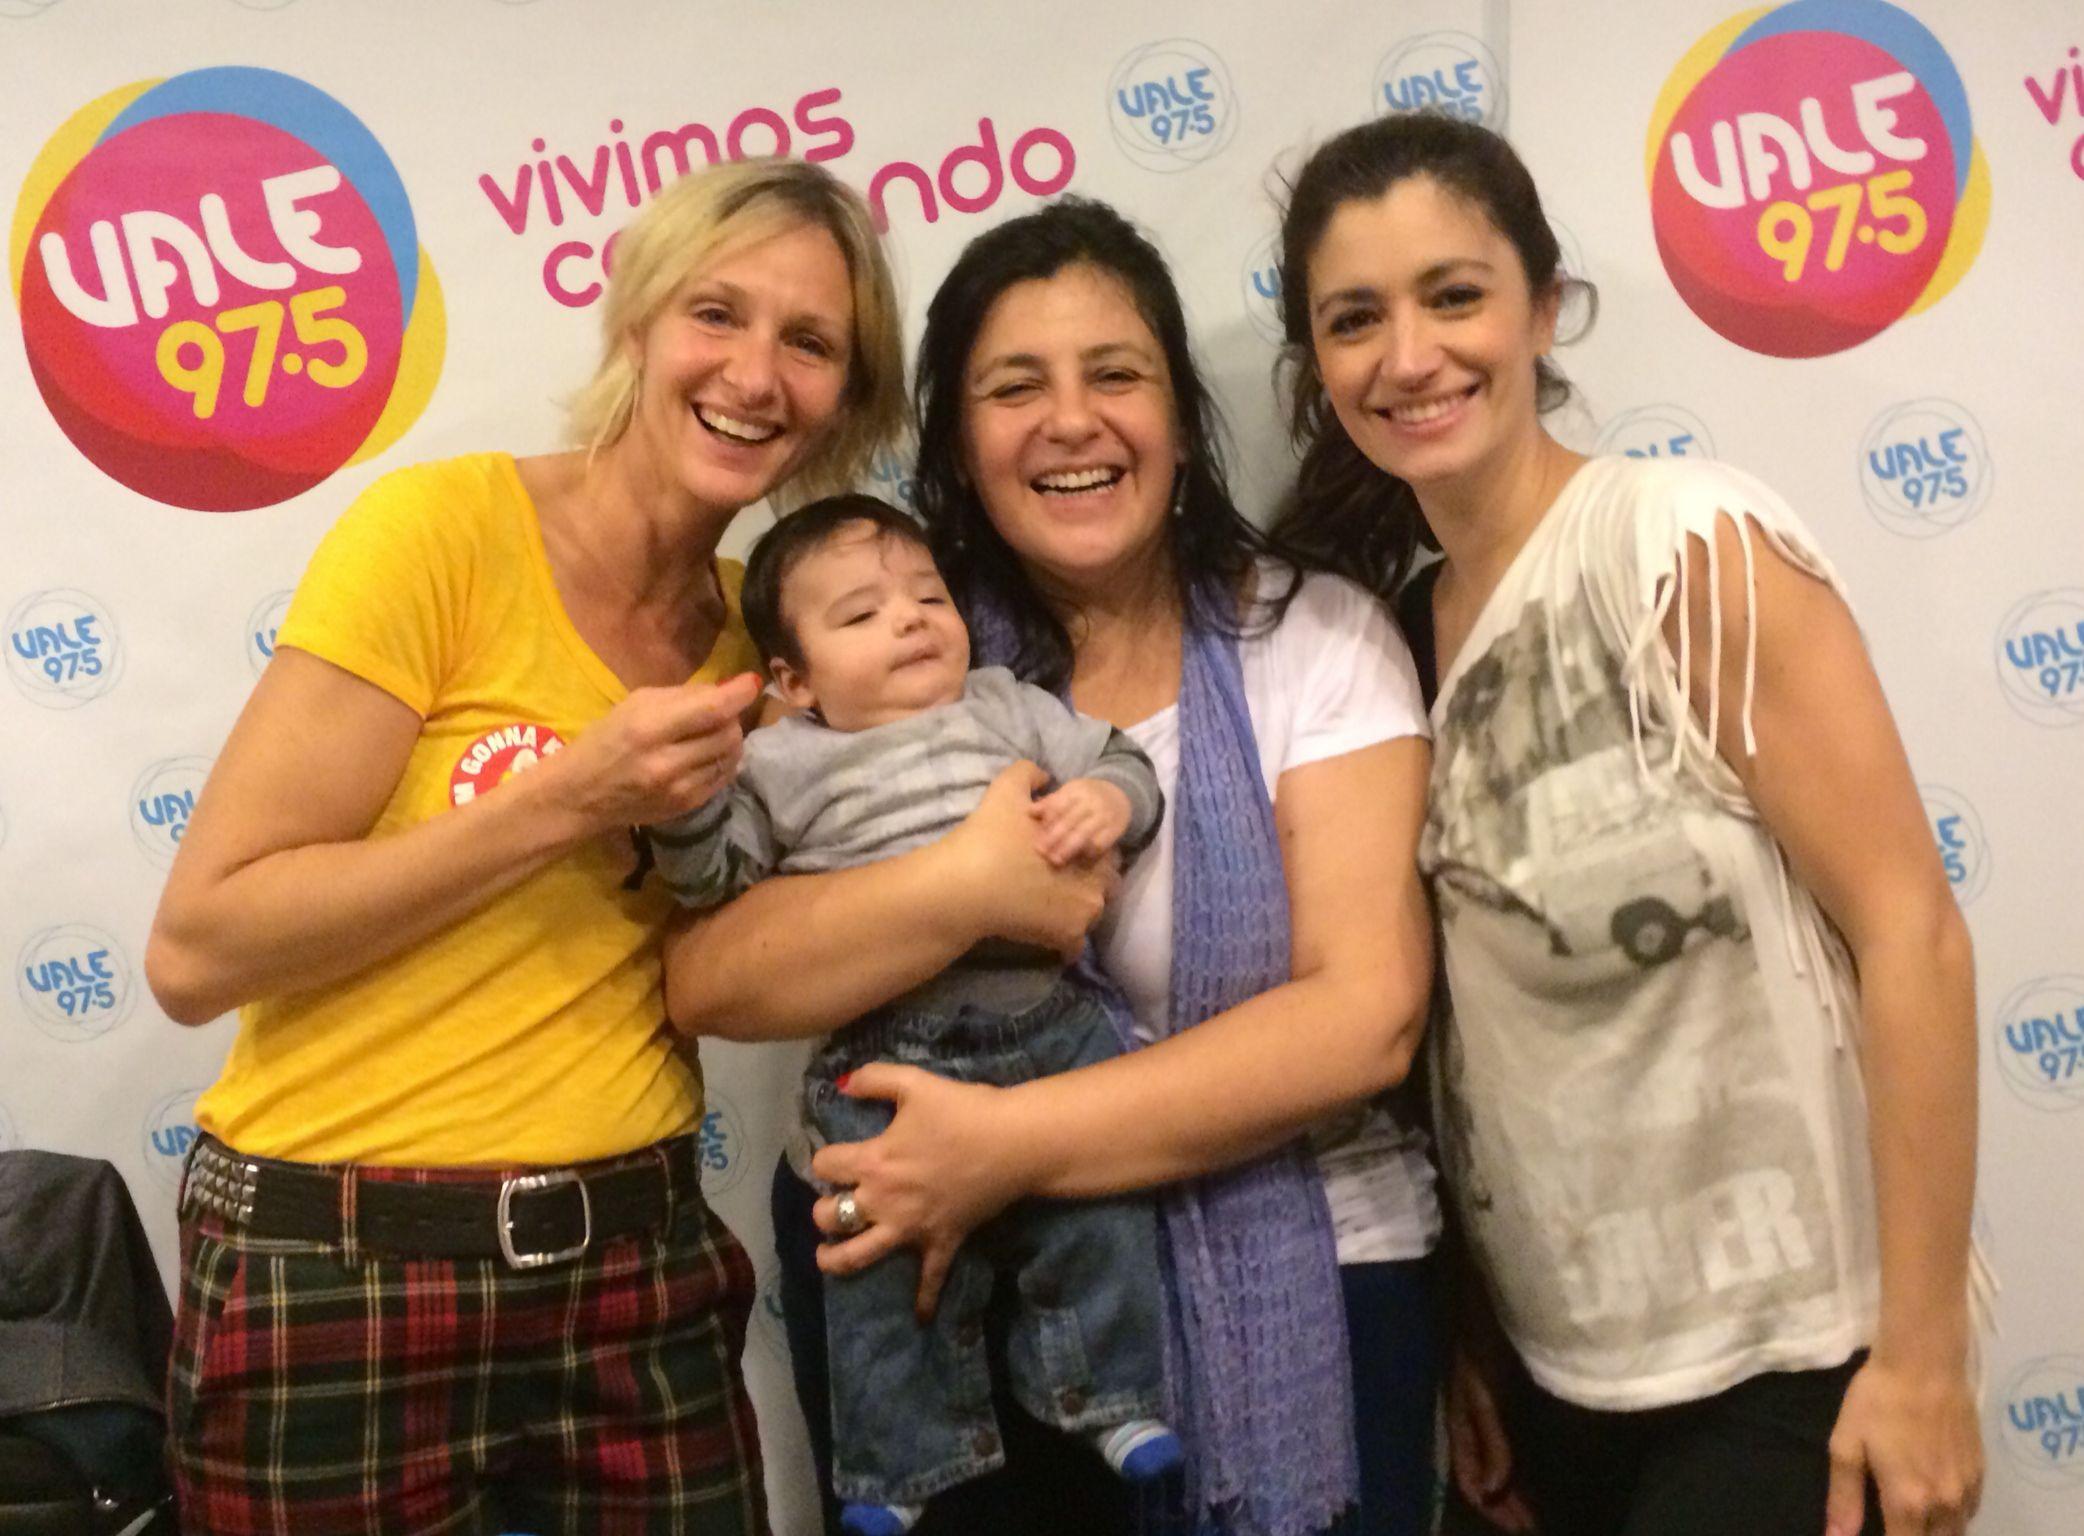 Carla Conte presentó a su hijo en Vale 97.5 y habló de sus ganas de volver a la televisión